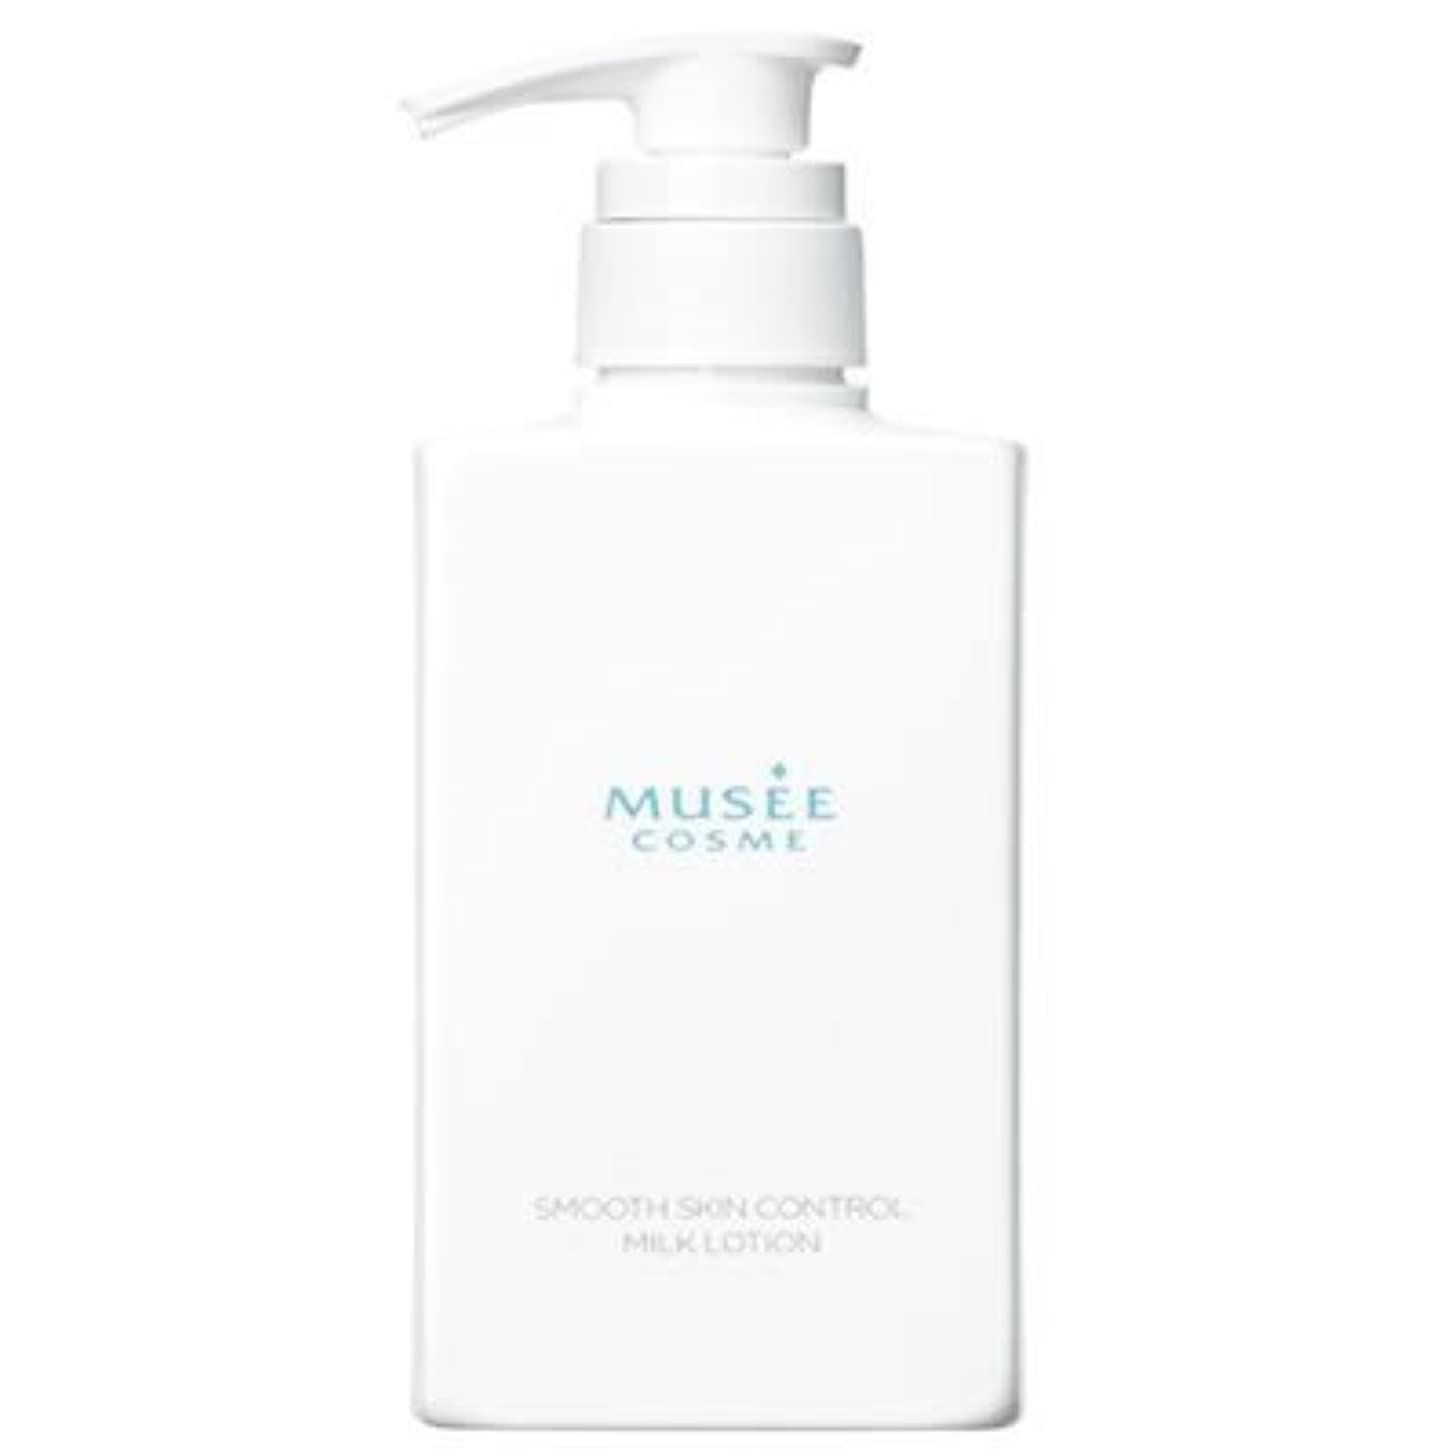 歩く手順成長するミュゼ 薬用スムーススキンコントロールミルクローション 300ml ホワイトジャスミンの香り [並行輸入品]